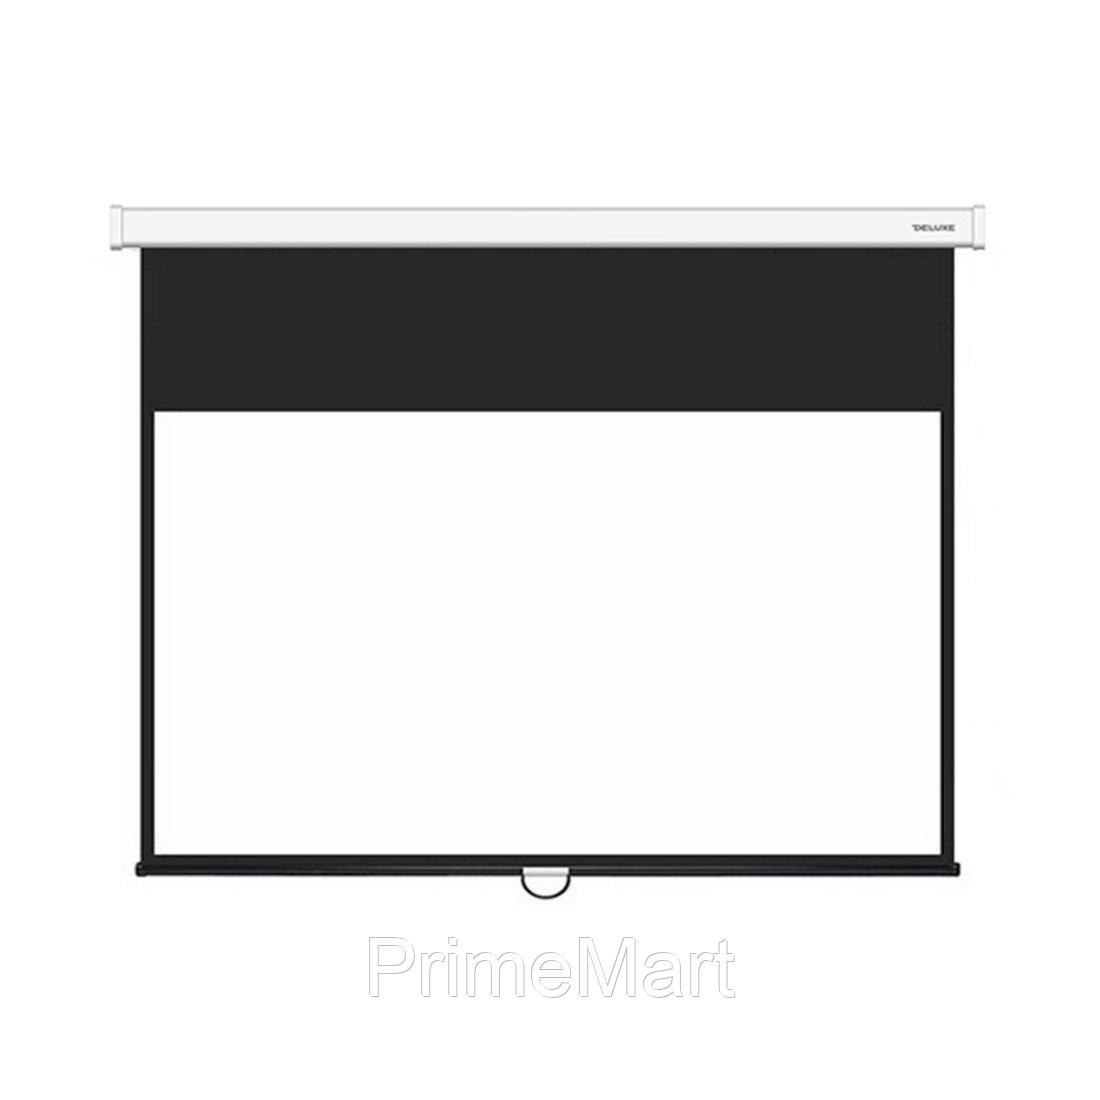 Экран механический, Deluxe, Настенный/потолочный, Рабочая поверхность 297х297 см., 1:1, Matt white, Белый